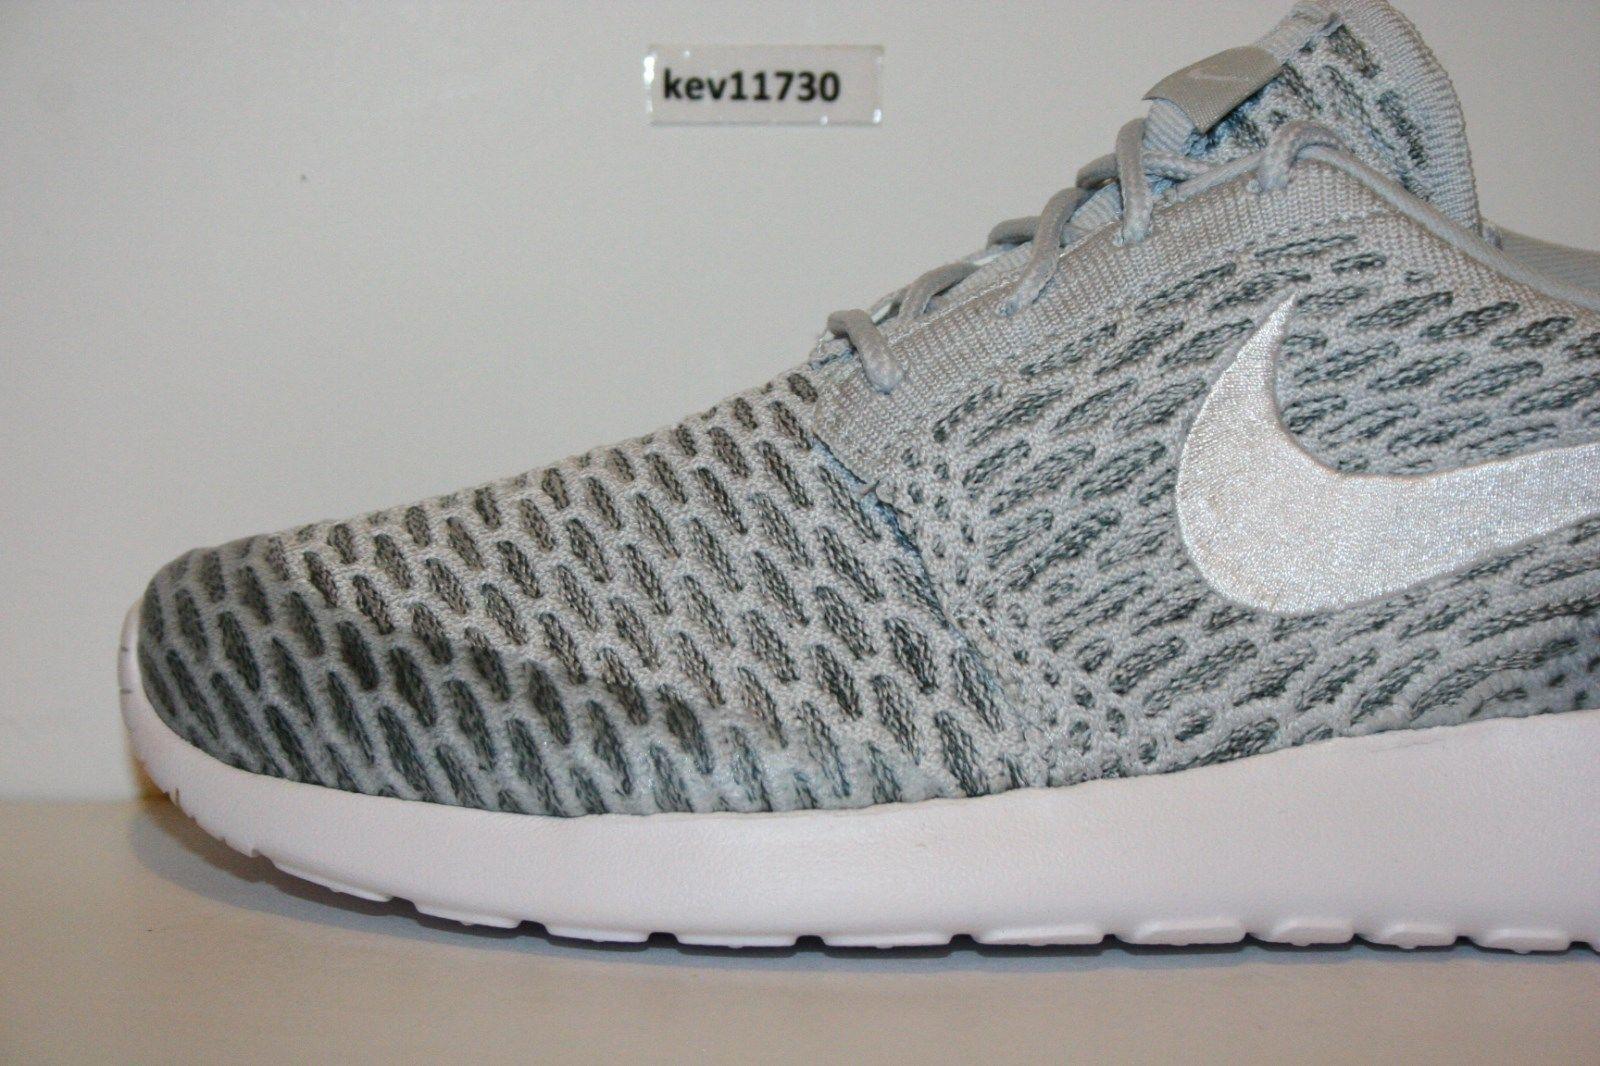 Original Nike Roshe Run One Flyknit Flyknit Flyknit Cool grey white 704927 009 Frauen Größe 5a3983